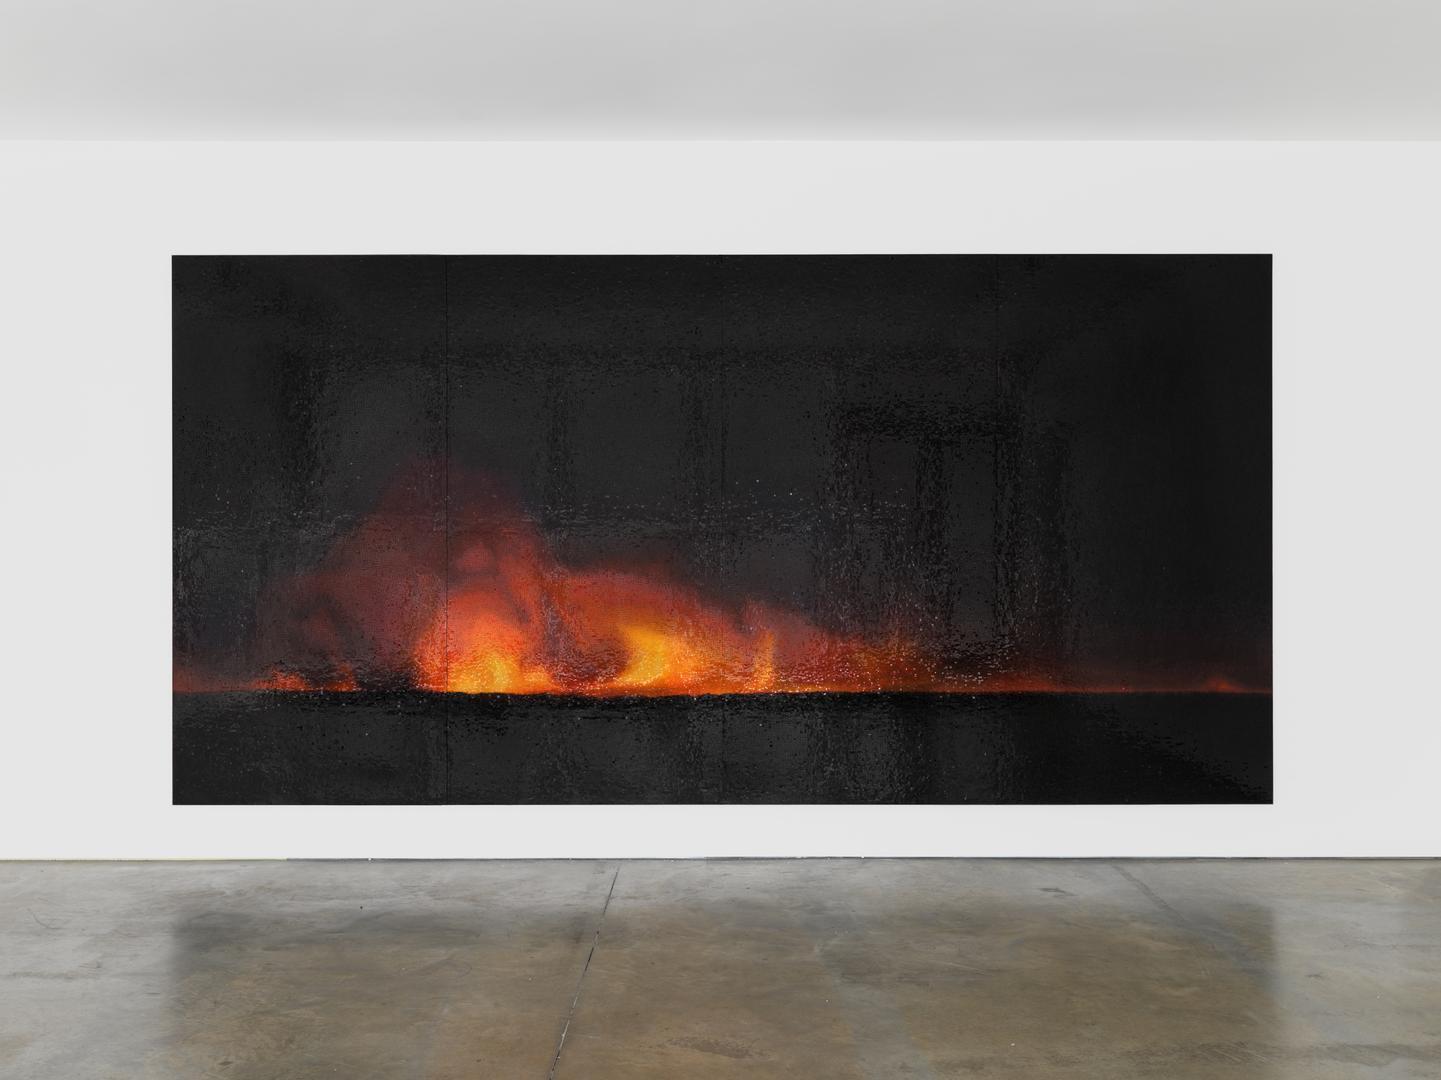 TERESITA FERNÁNDEZ  Fire (America) 5 , 2016 glazed ceramic 96 x 192 x 1.25 inches